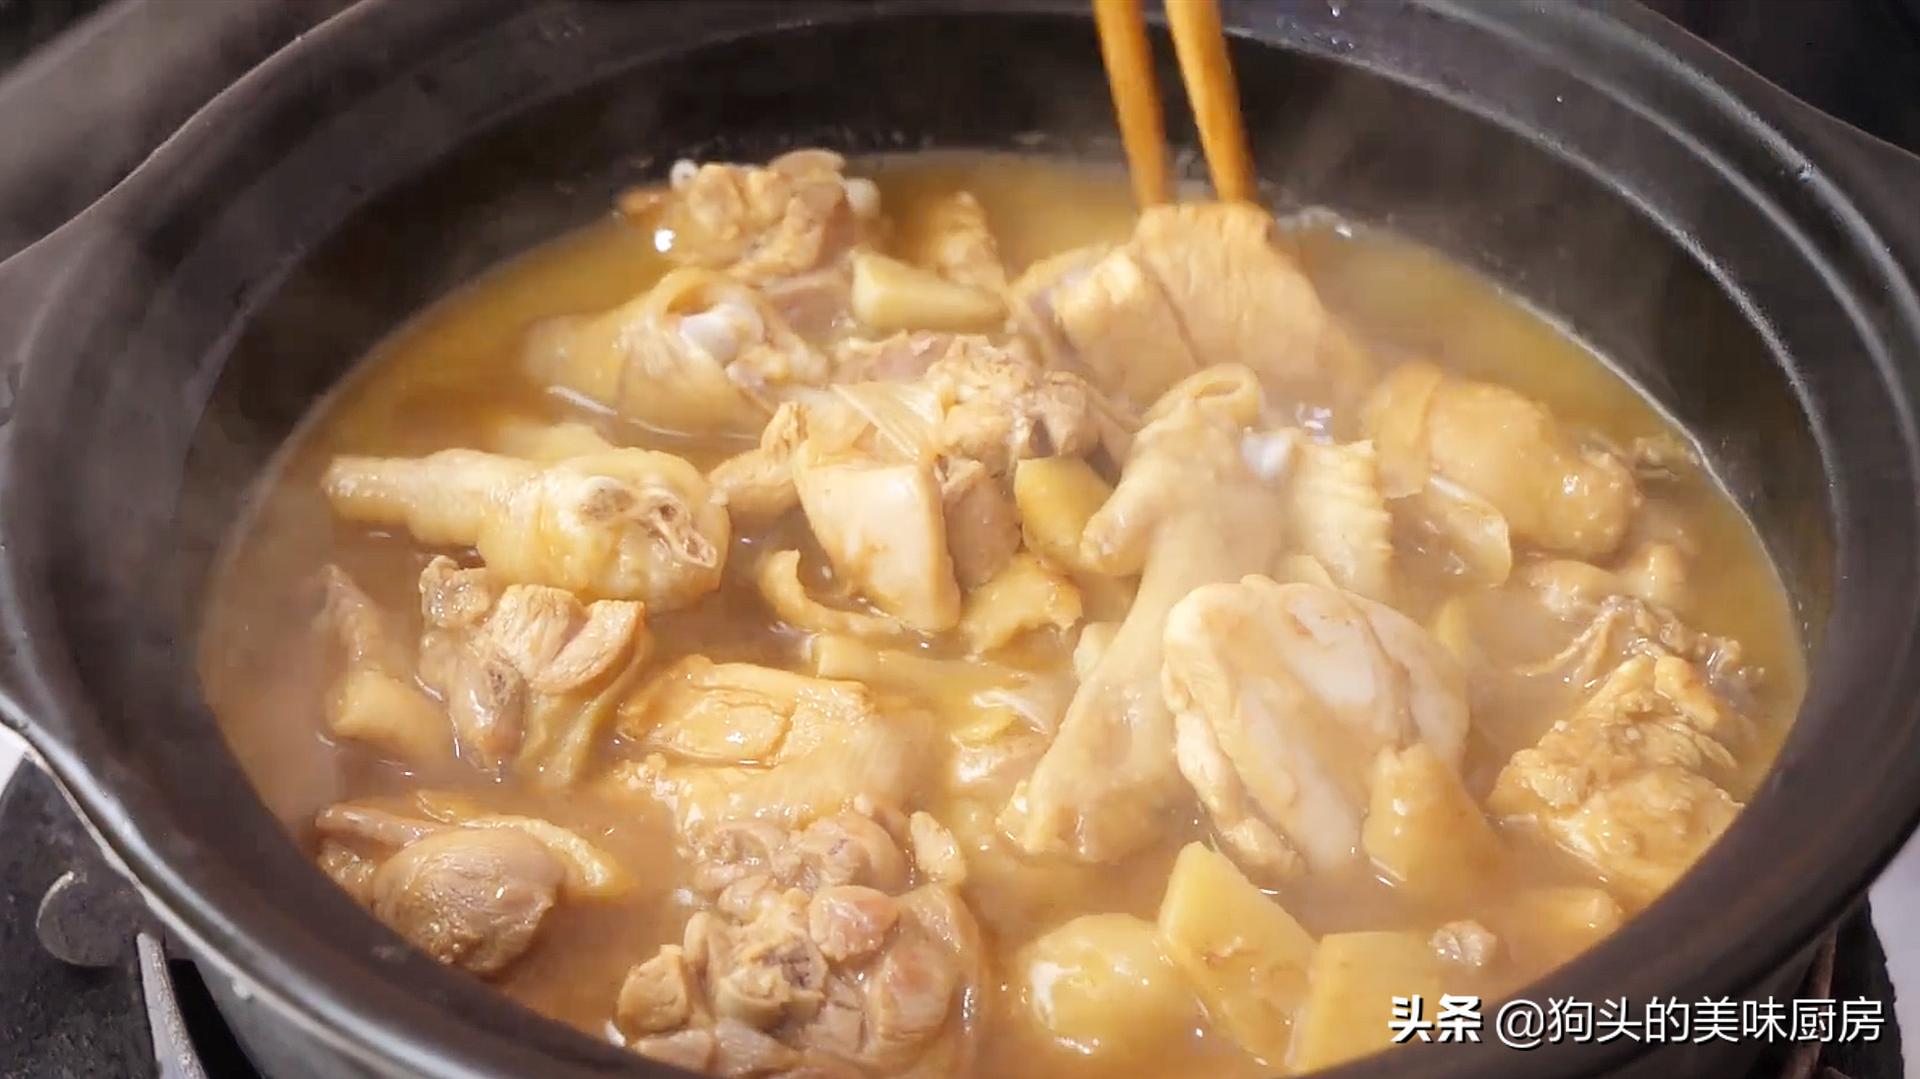 炖鸡肉时,切记不要直接焯水,教你一个做法,肉嫩鲜香不腥不柴 美食做法 第16张